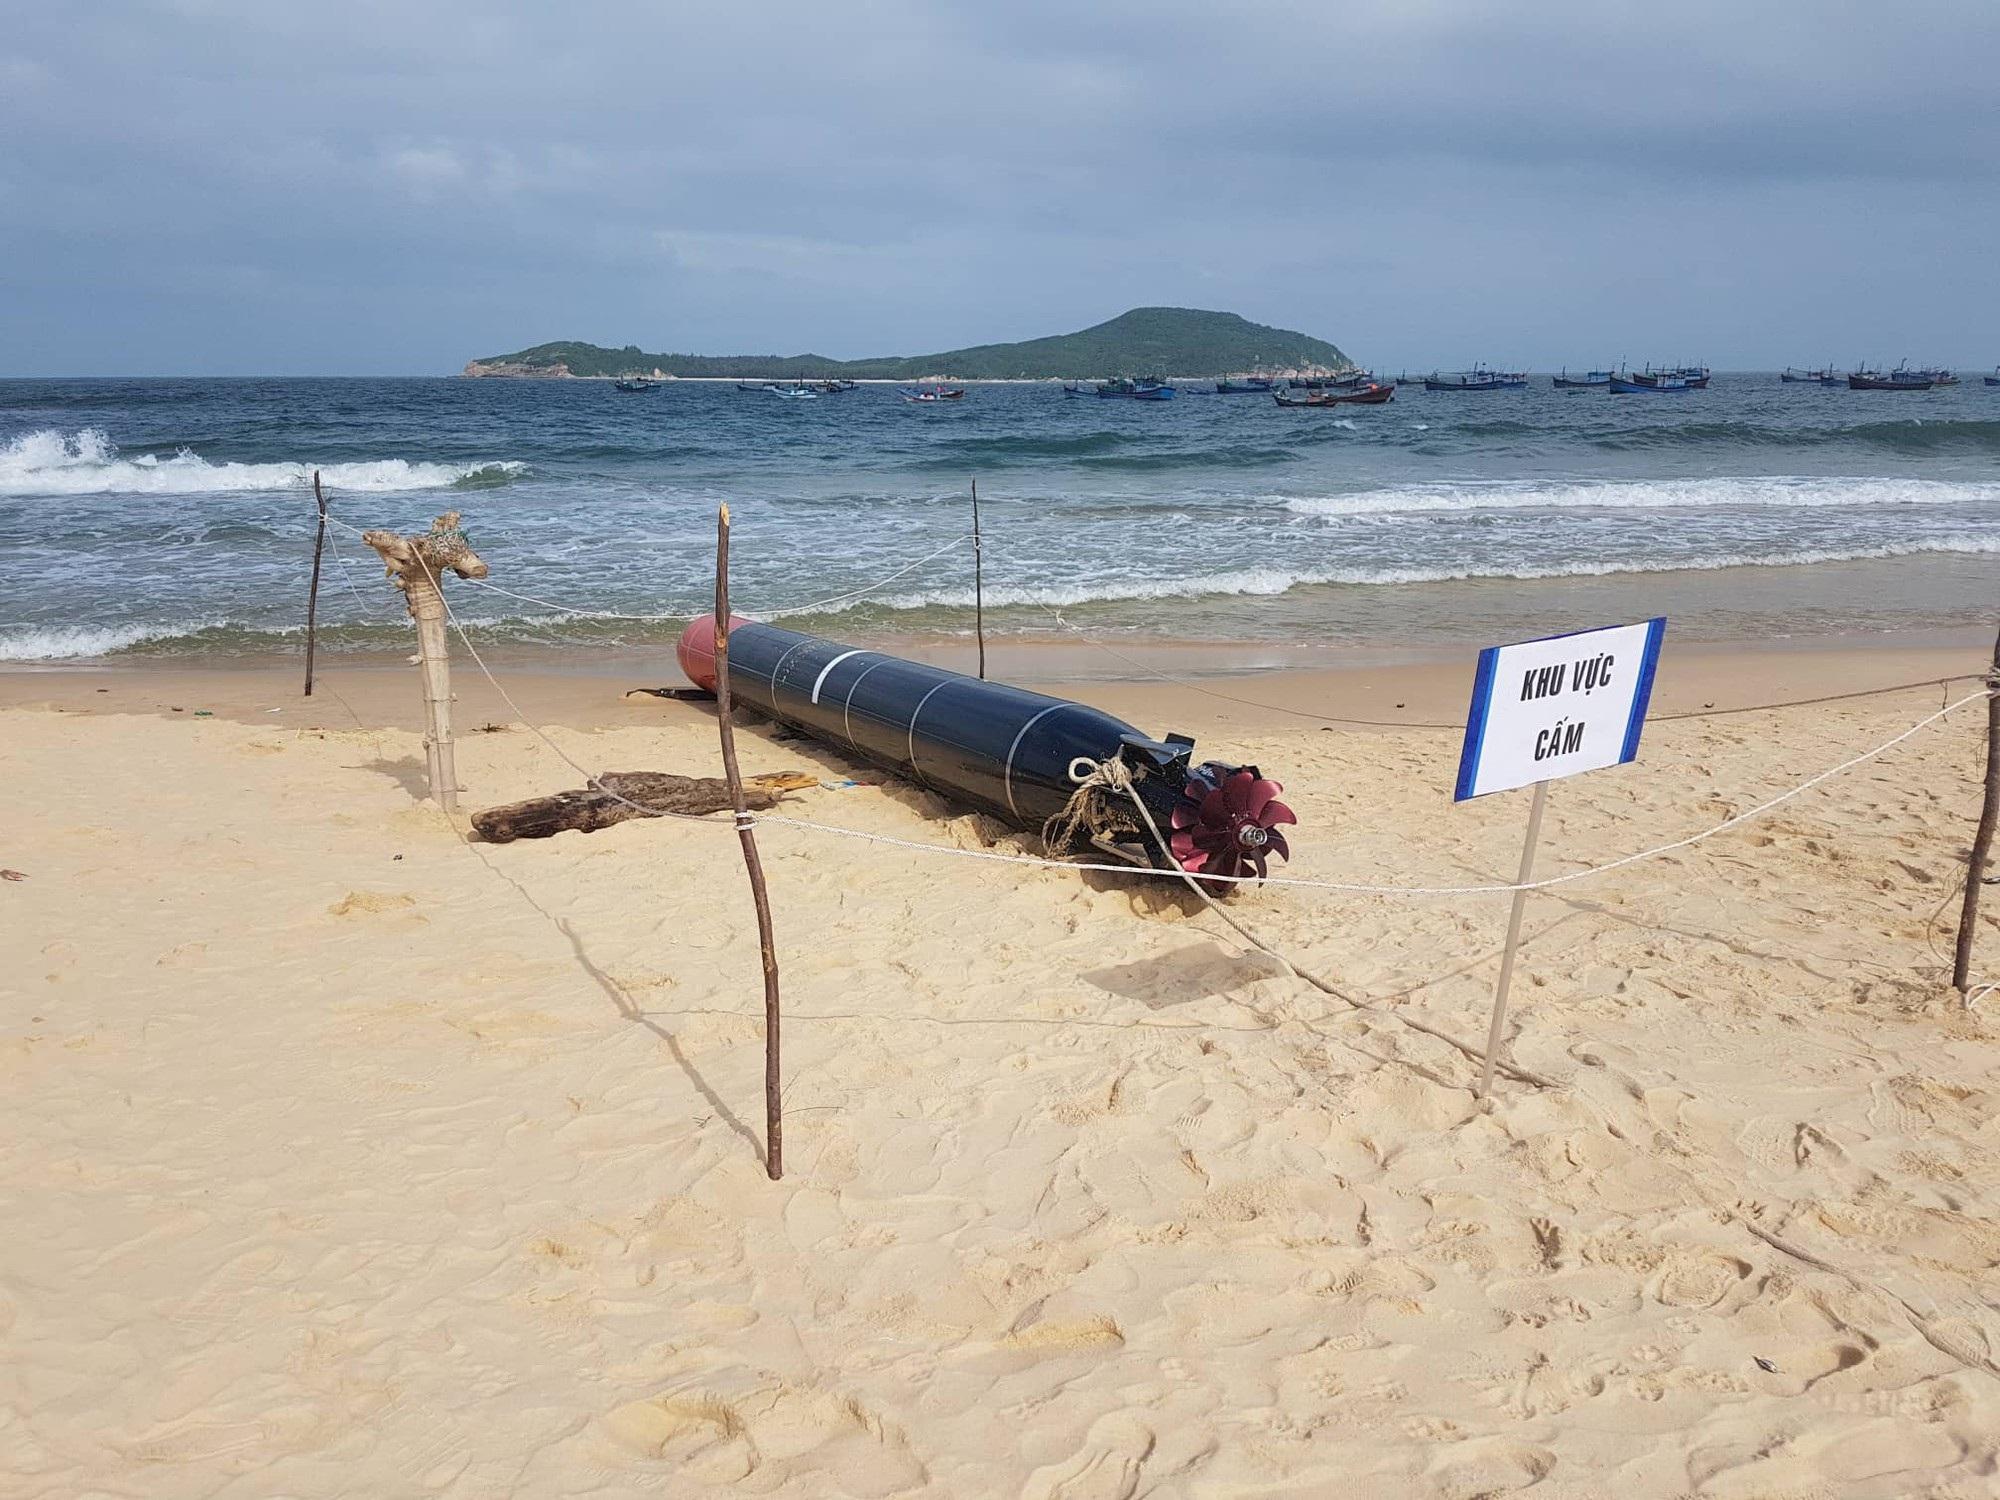 Vật thể nghi là ngư lôi có chữ Trung Quốc trôi trên biển Phú Yên - Ảnh 3.